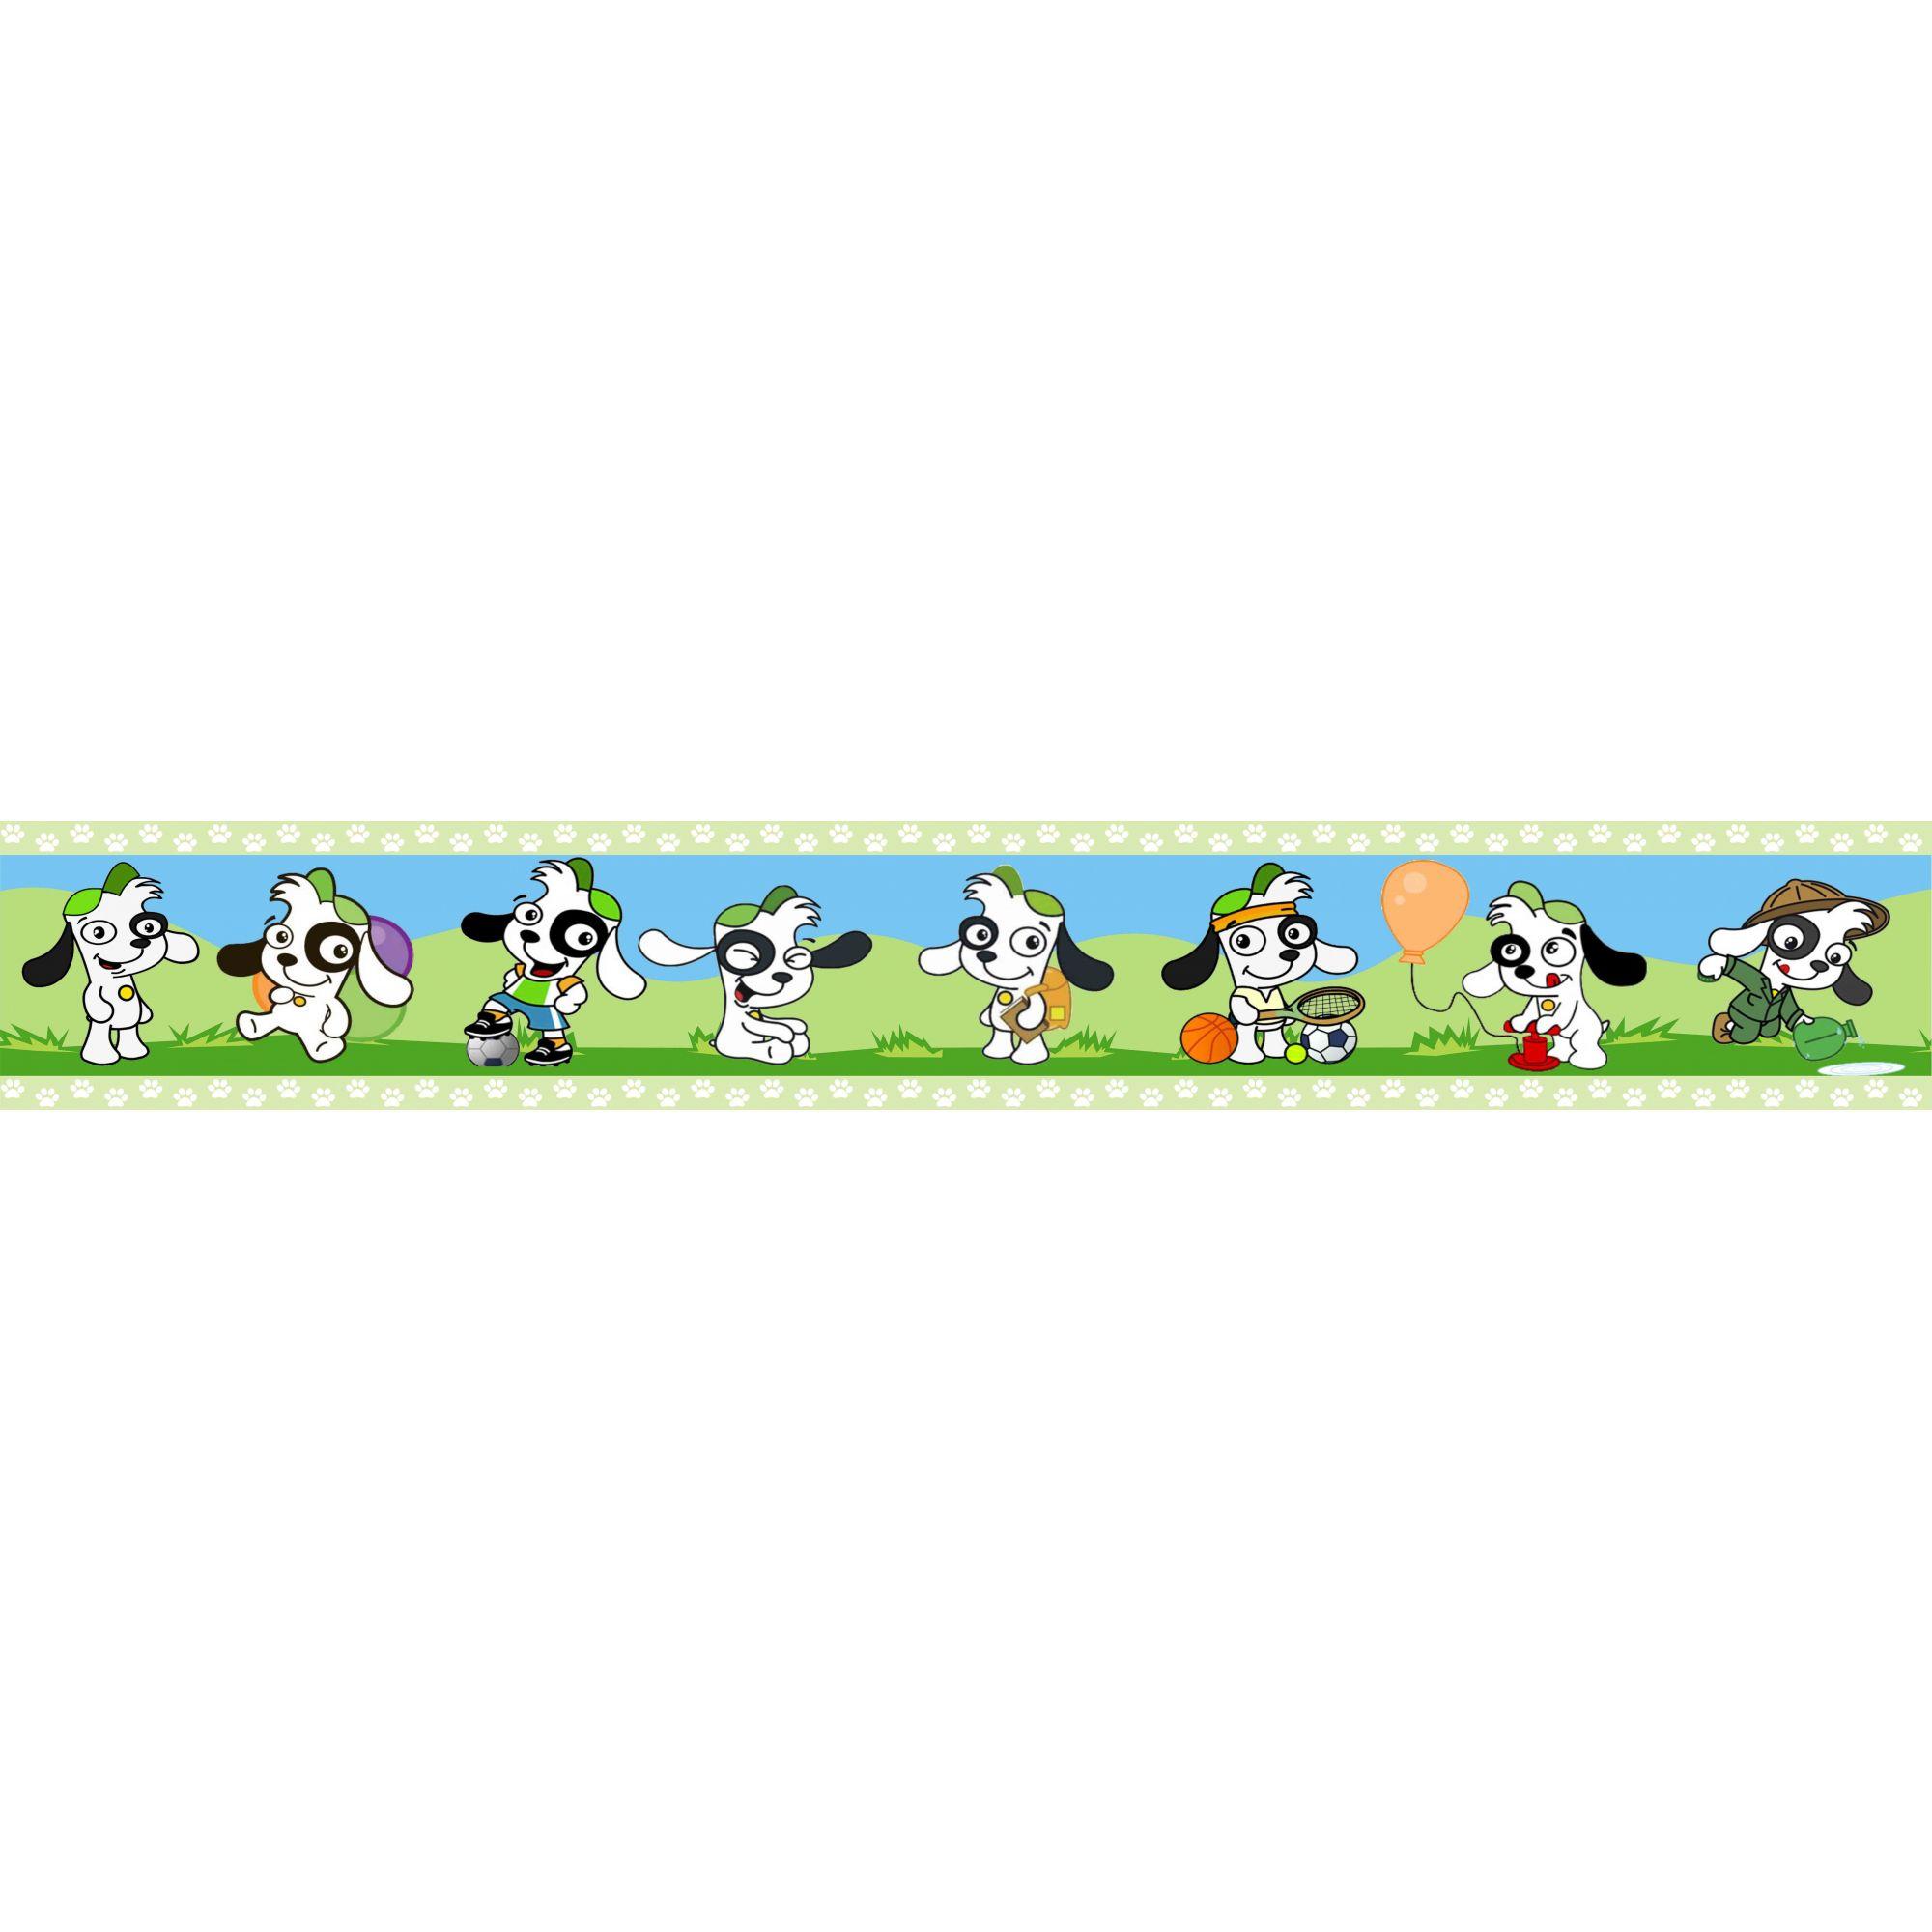 Faixa Decorativa Adesiva Snoopy 2  - Final Decor